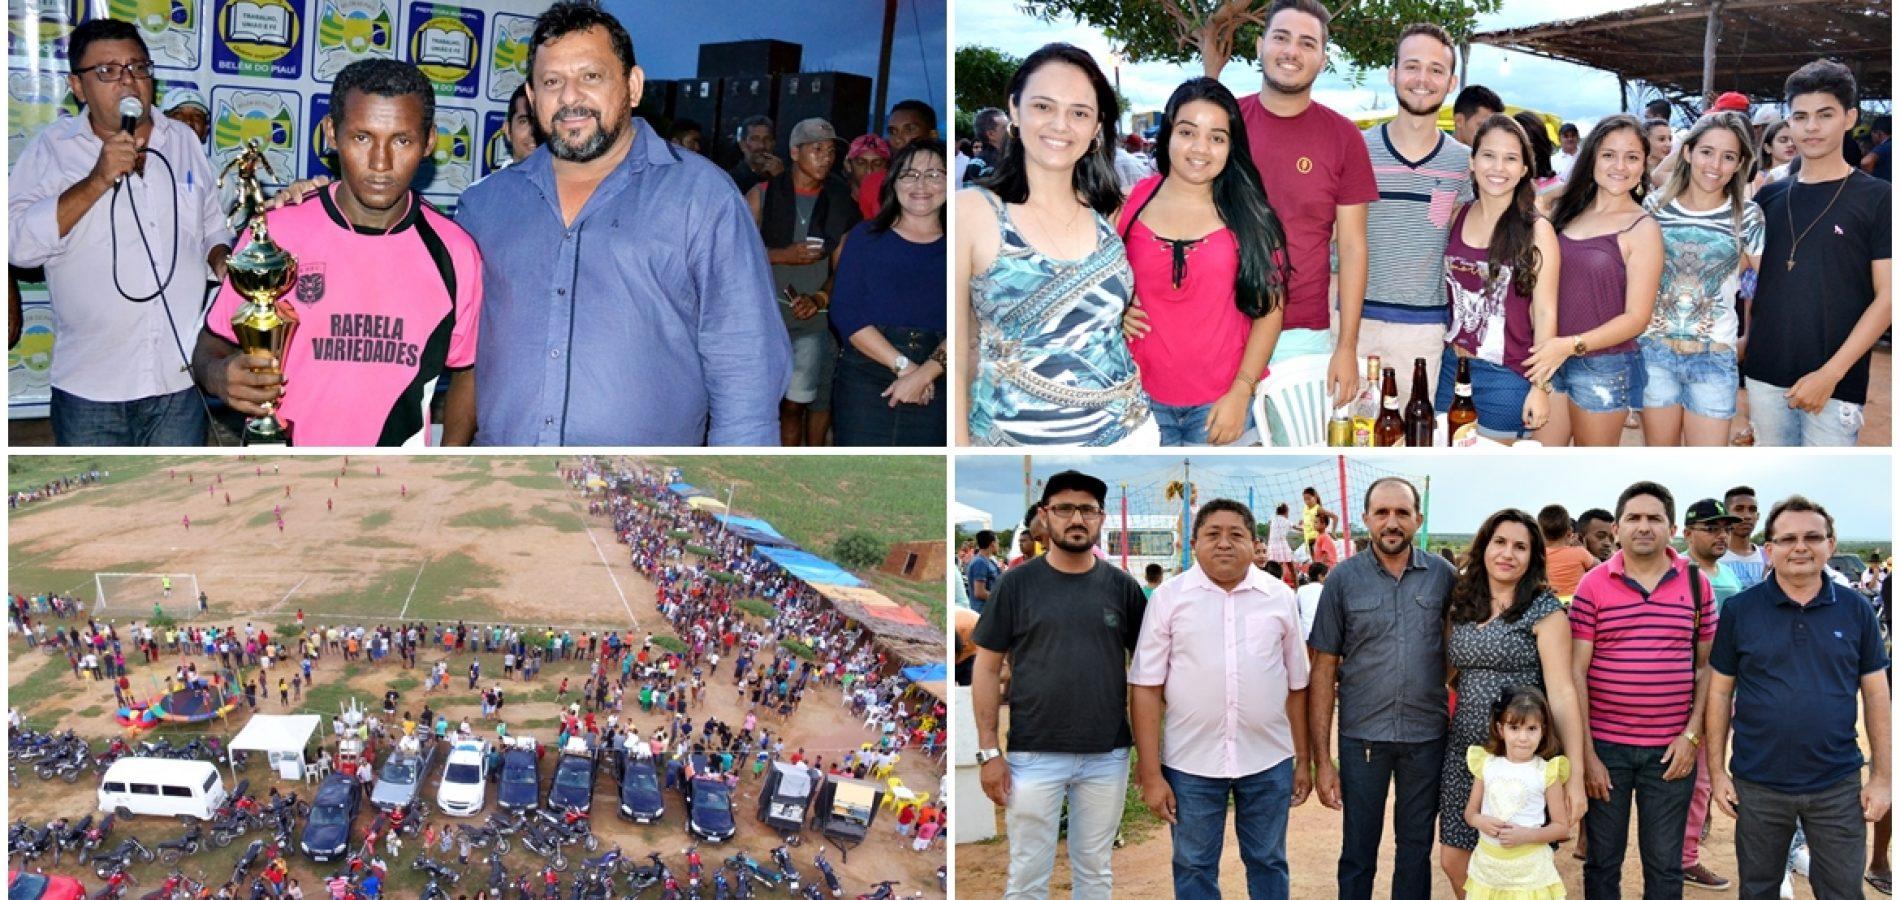 FOTOS | Tradicional torneio da Semana Santa do povoado Carquejo – Belém do Piauí